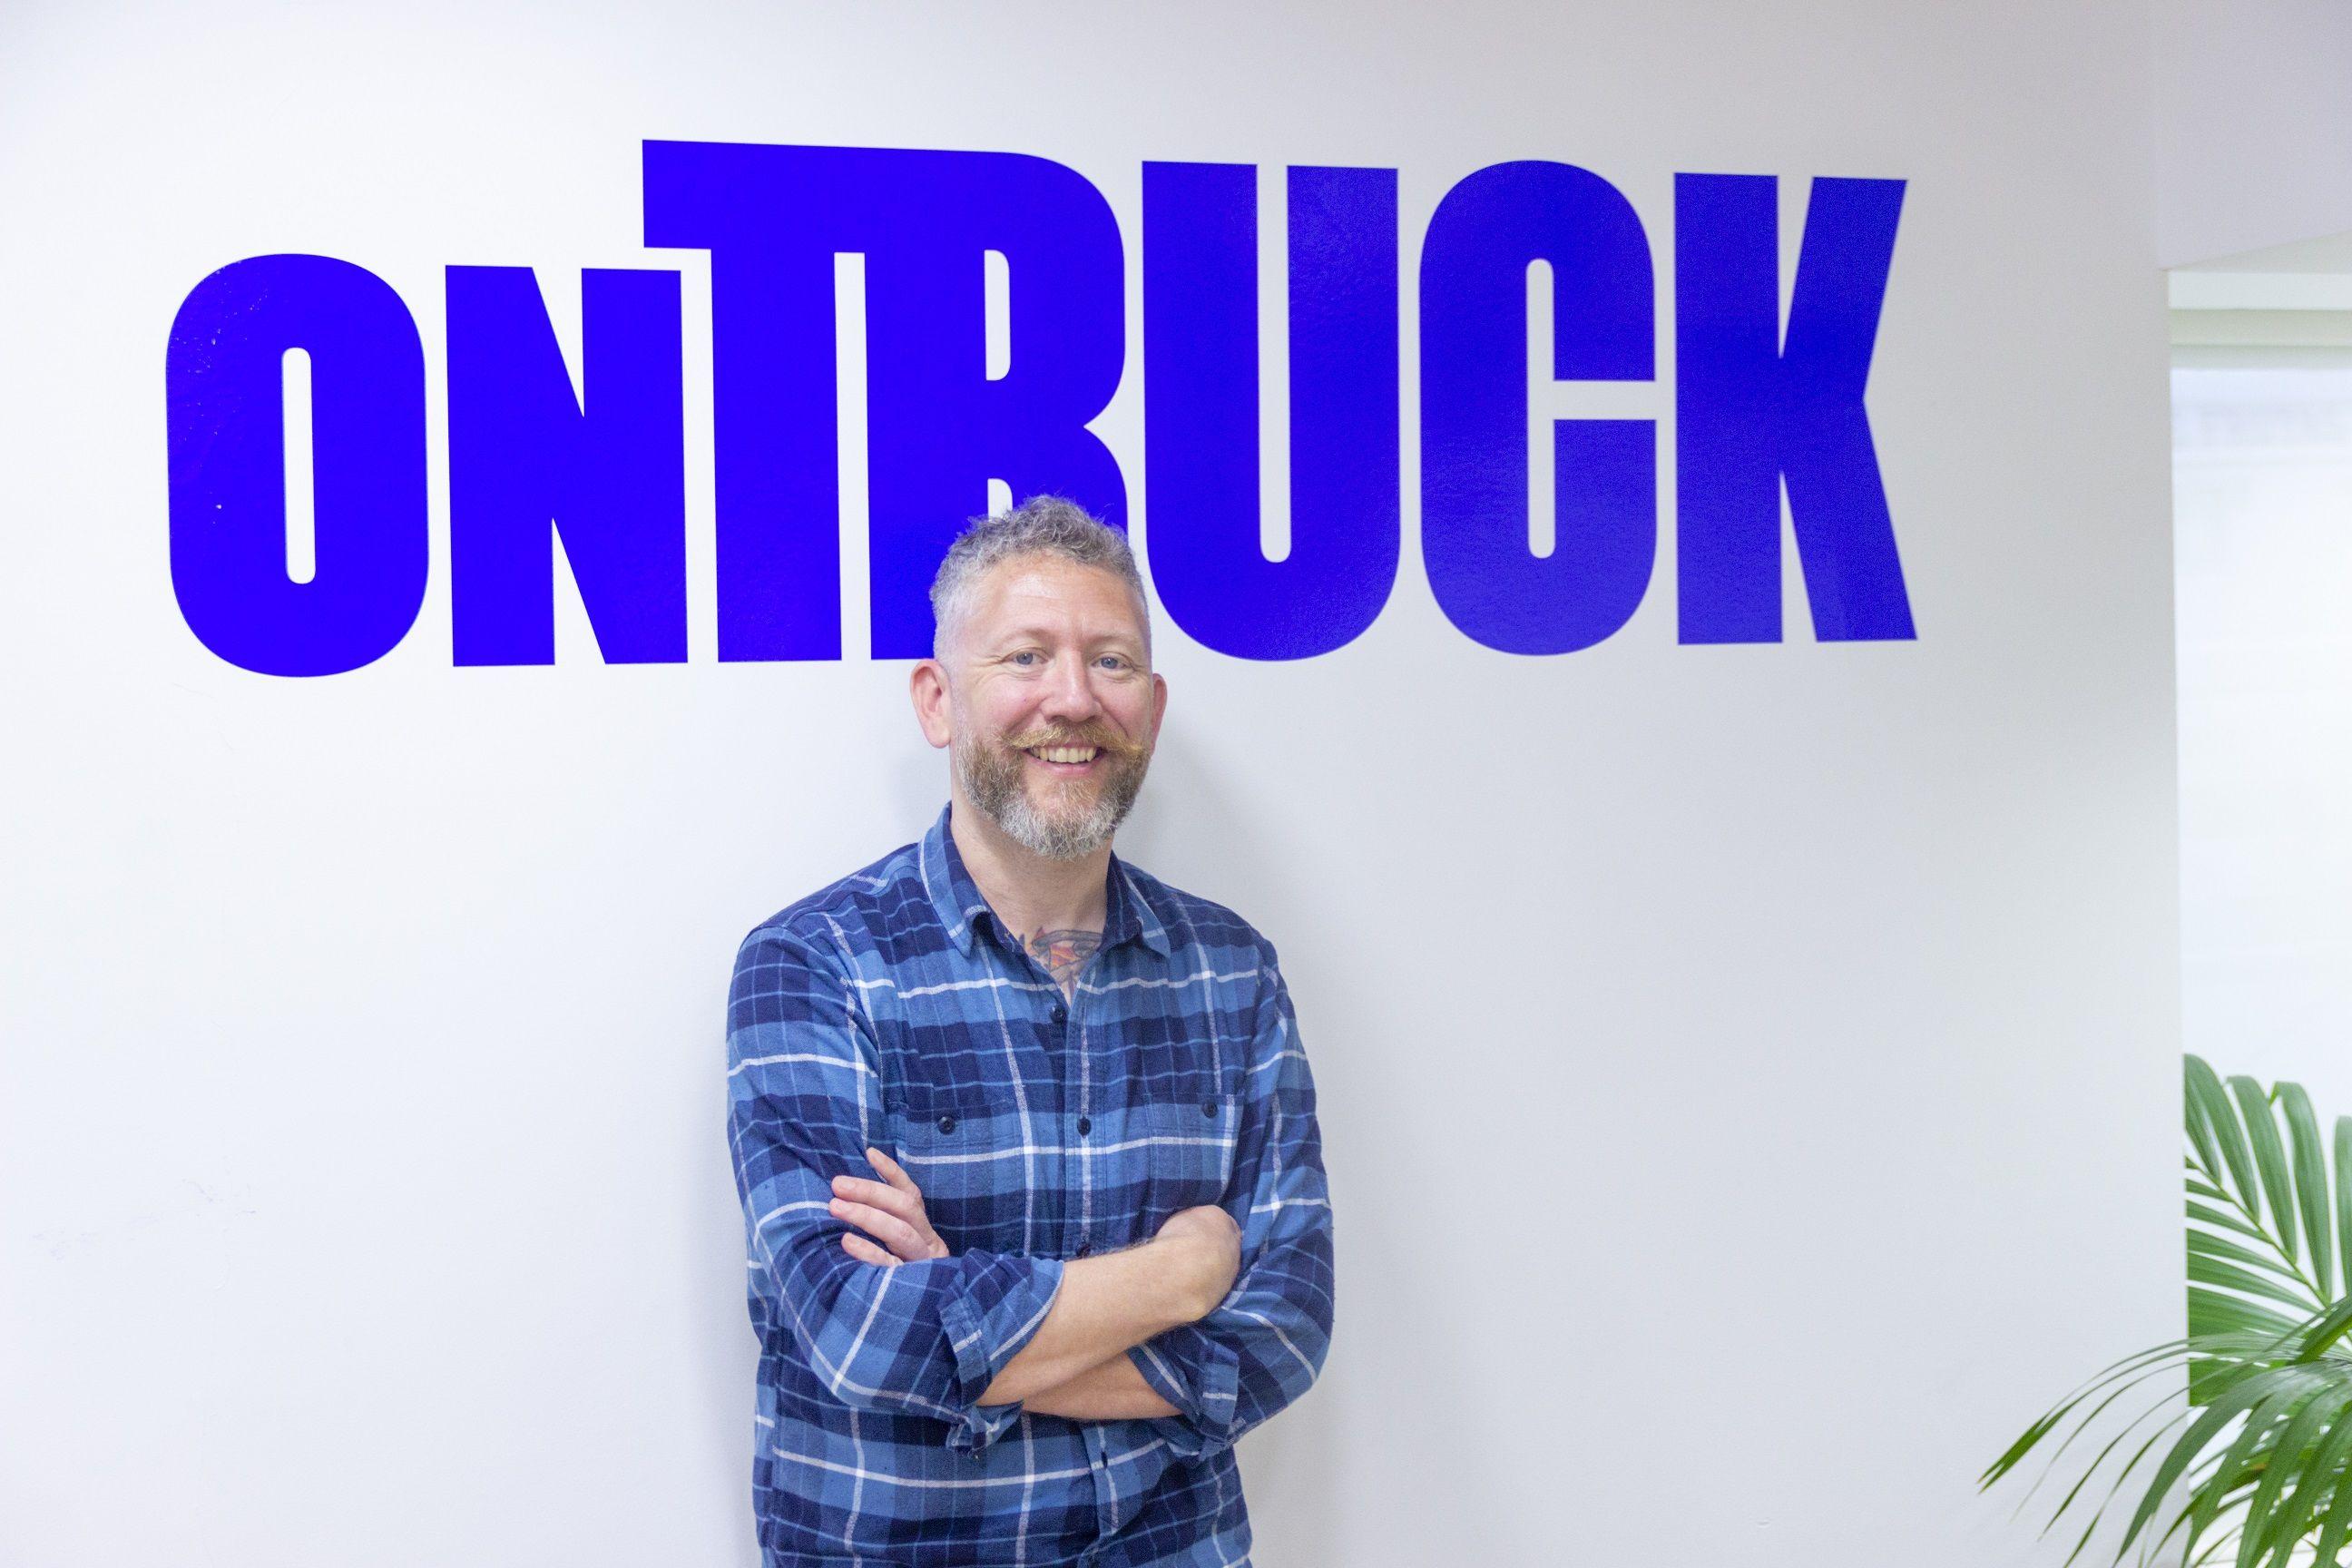 Ontruck ficha a un directivo de Silicon Valley para liderar su estrategia de inteligencia de negocio